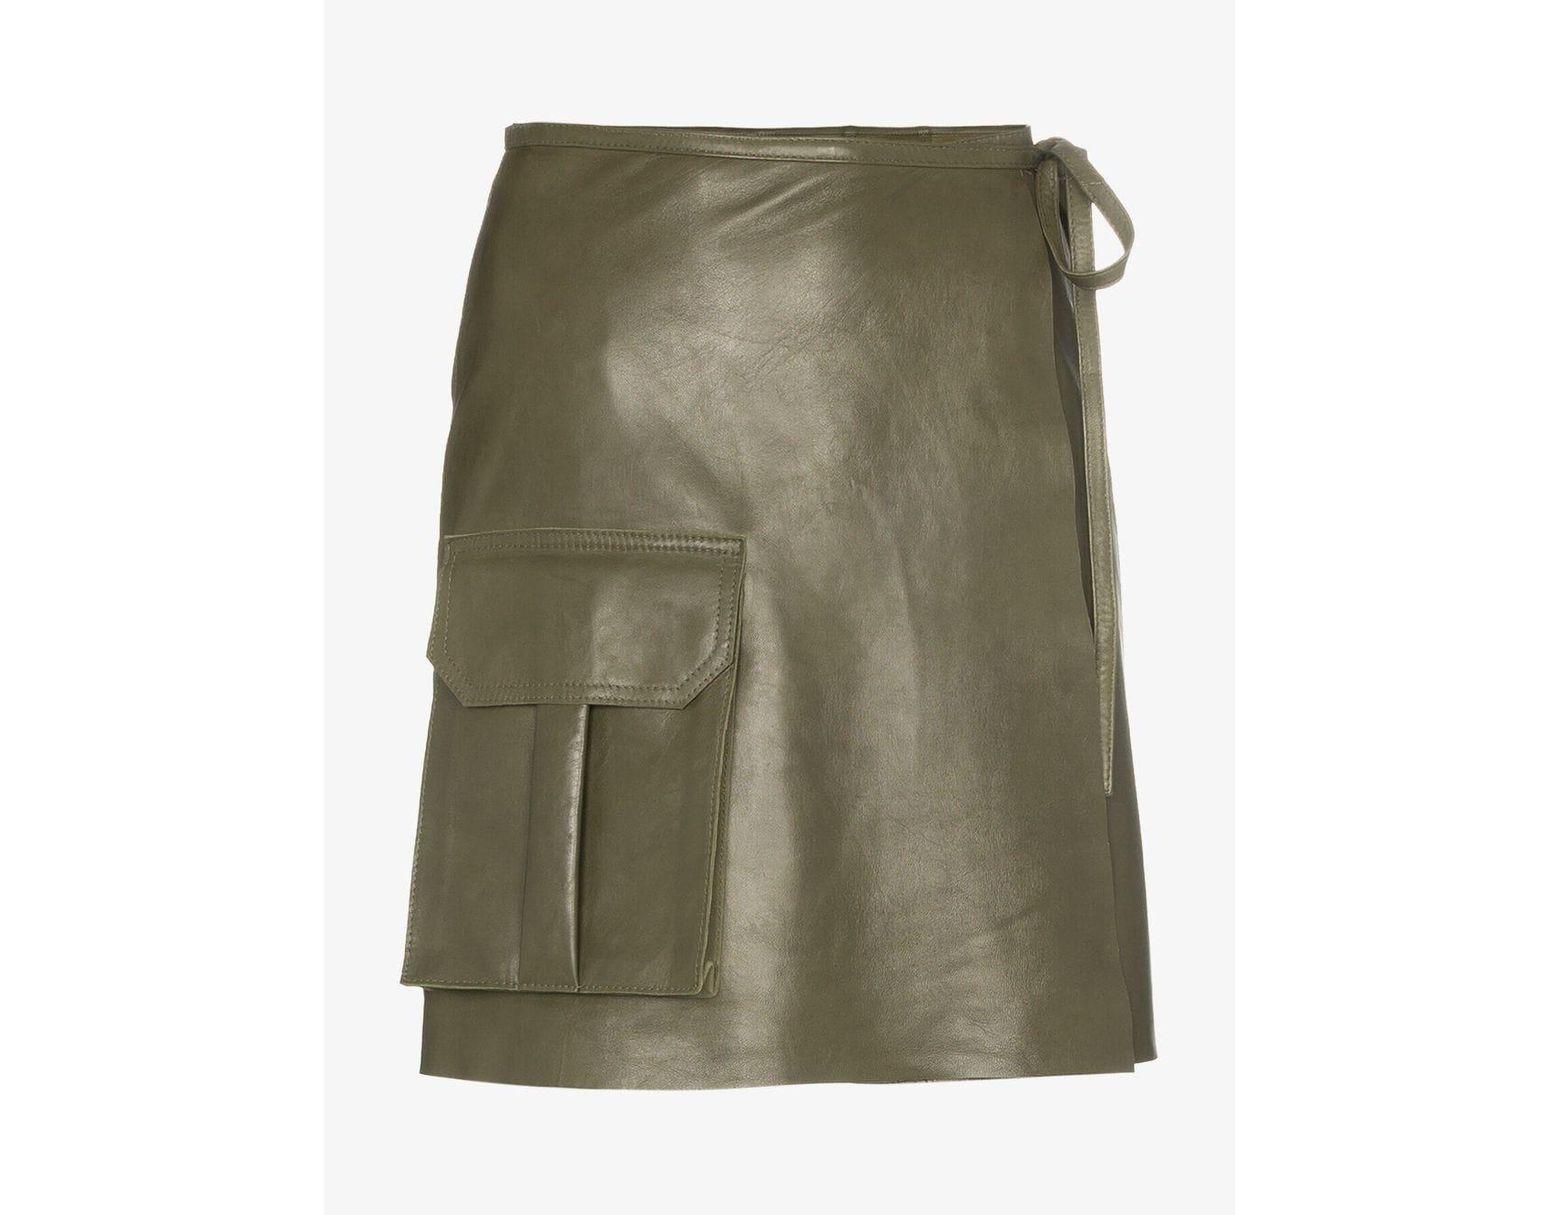 39f8a079f151 Ganni Meranti Utility Pocket Leather Wrap Skirt in Green - Save 60% - Lyst